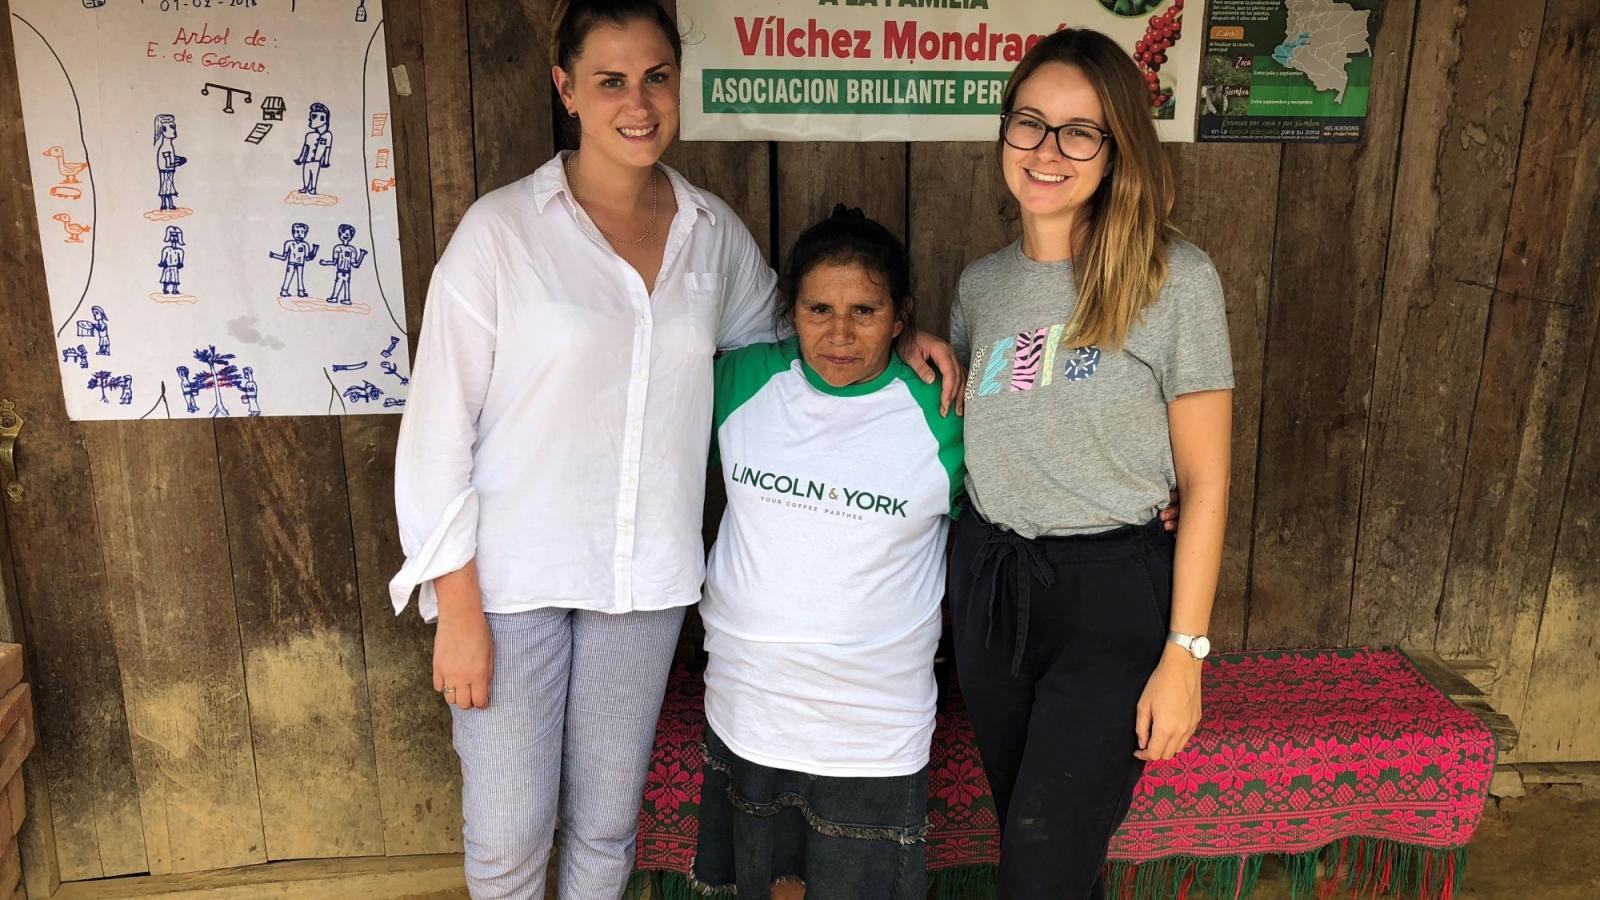 Lincoln & York Peru origin trip 2018